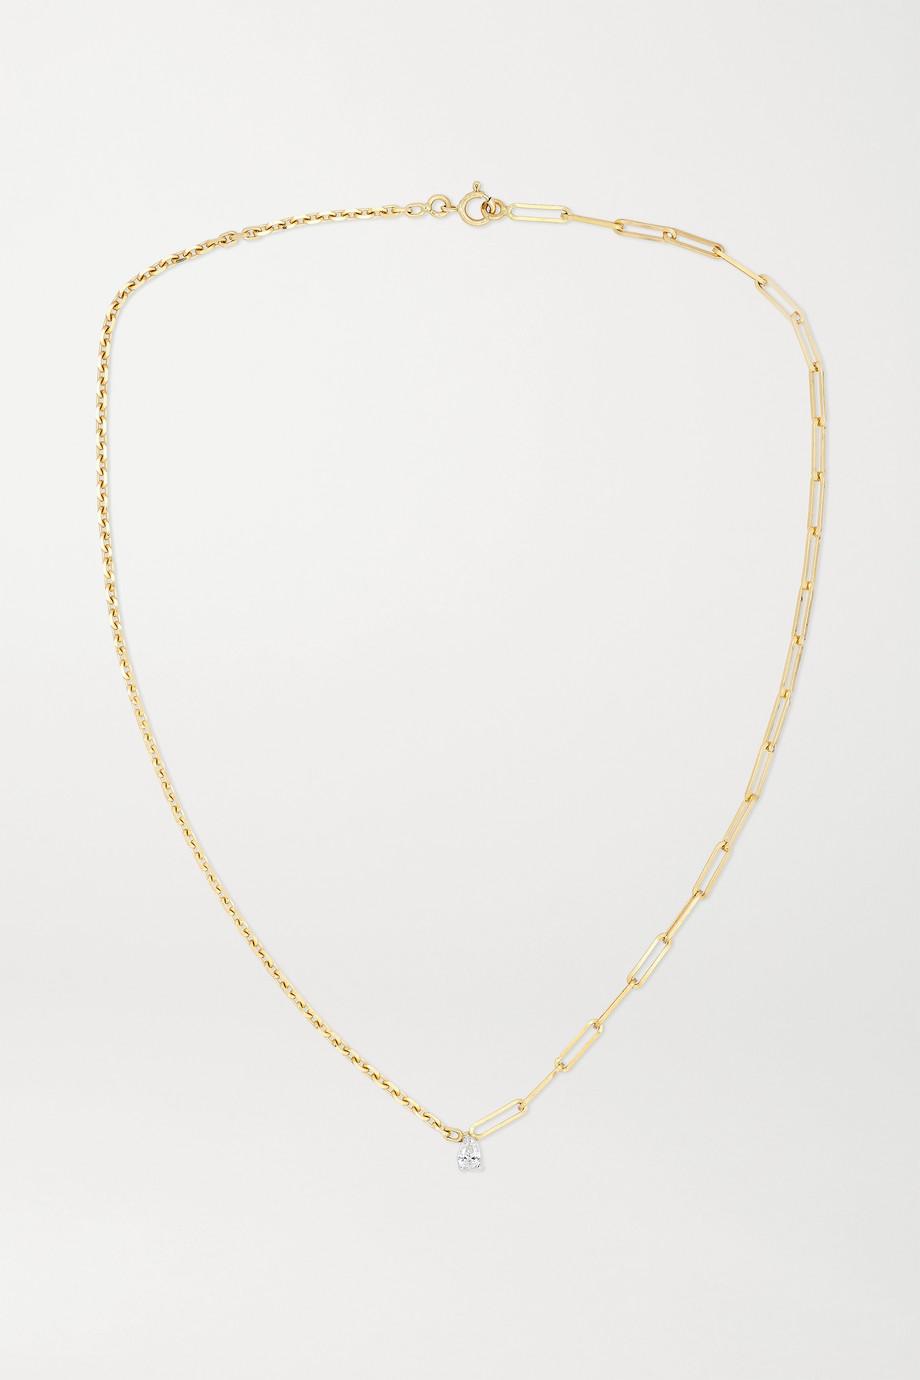 Yvonne Léon Collier en or 18 carats et diamant